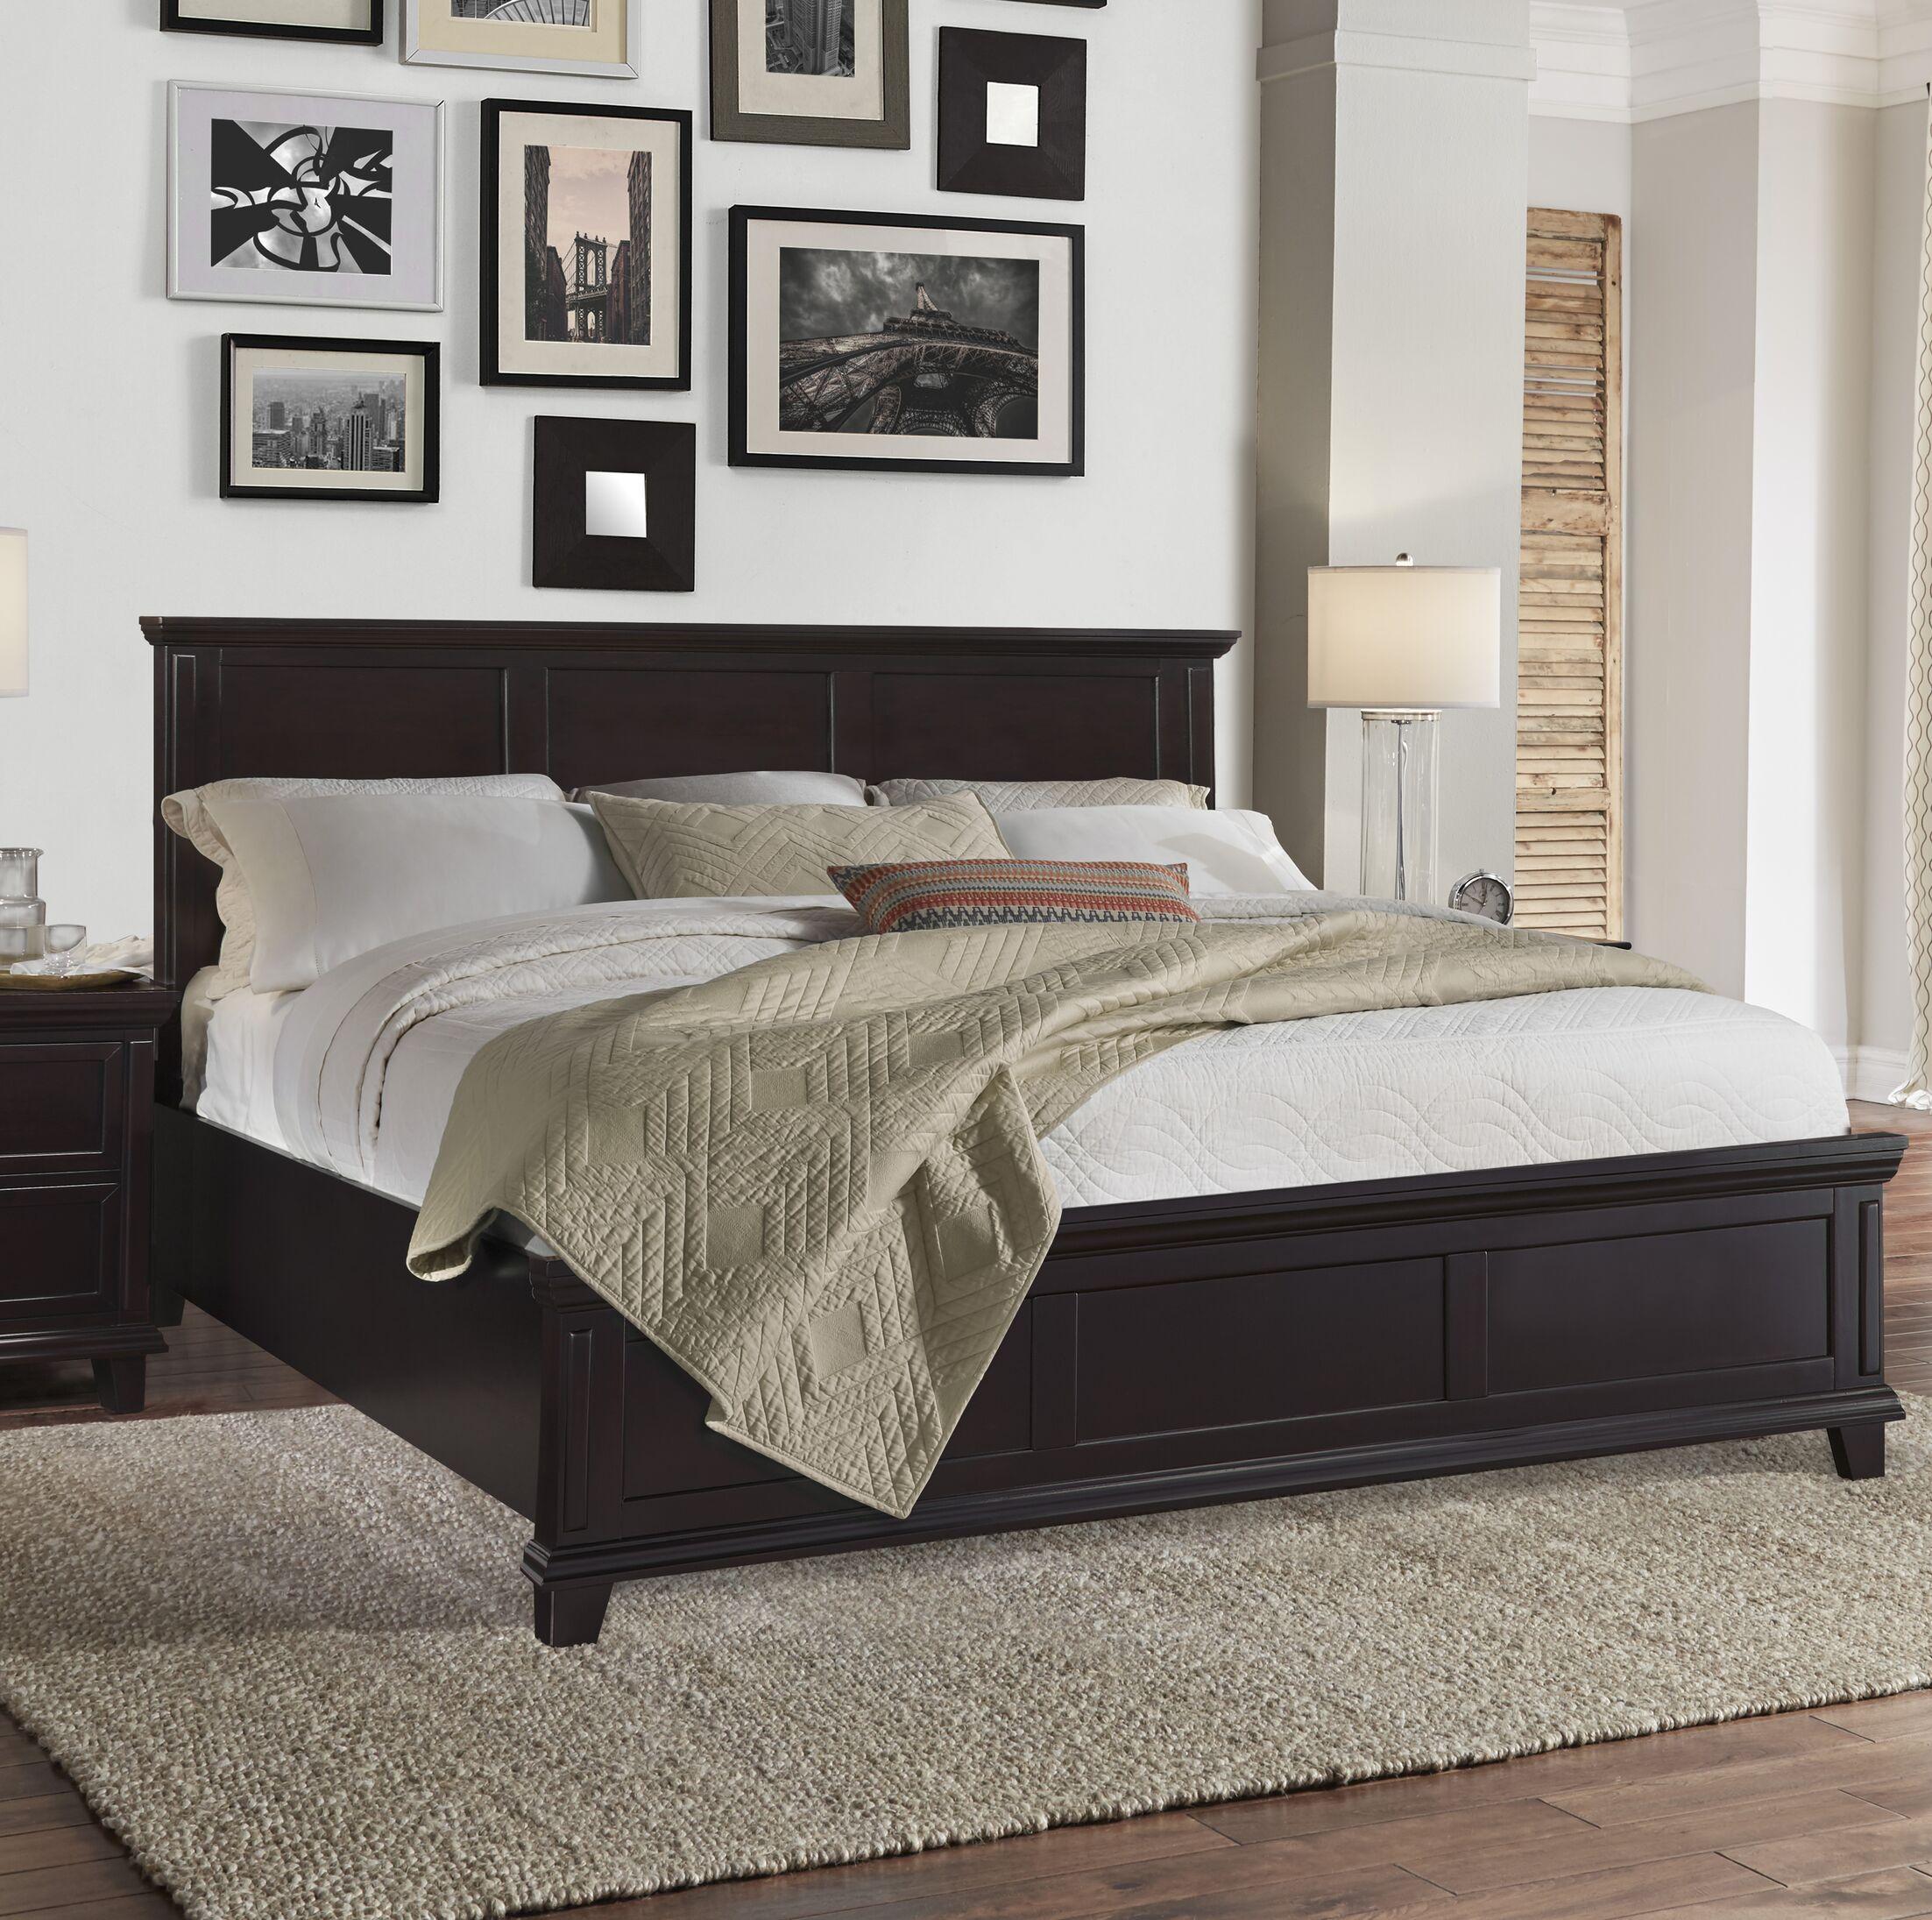 Mozelle Platform Bed Size: King